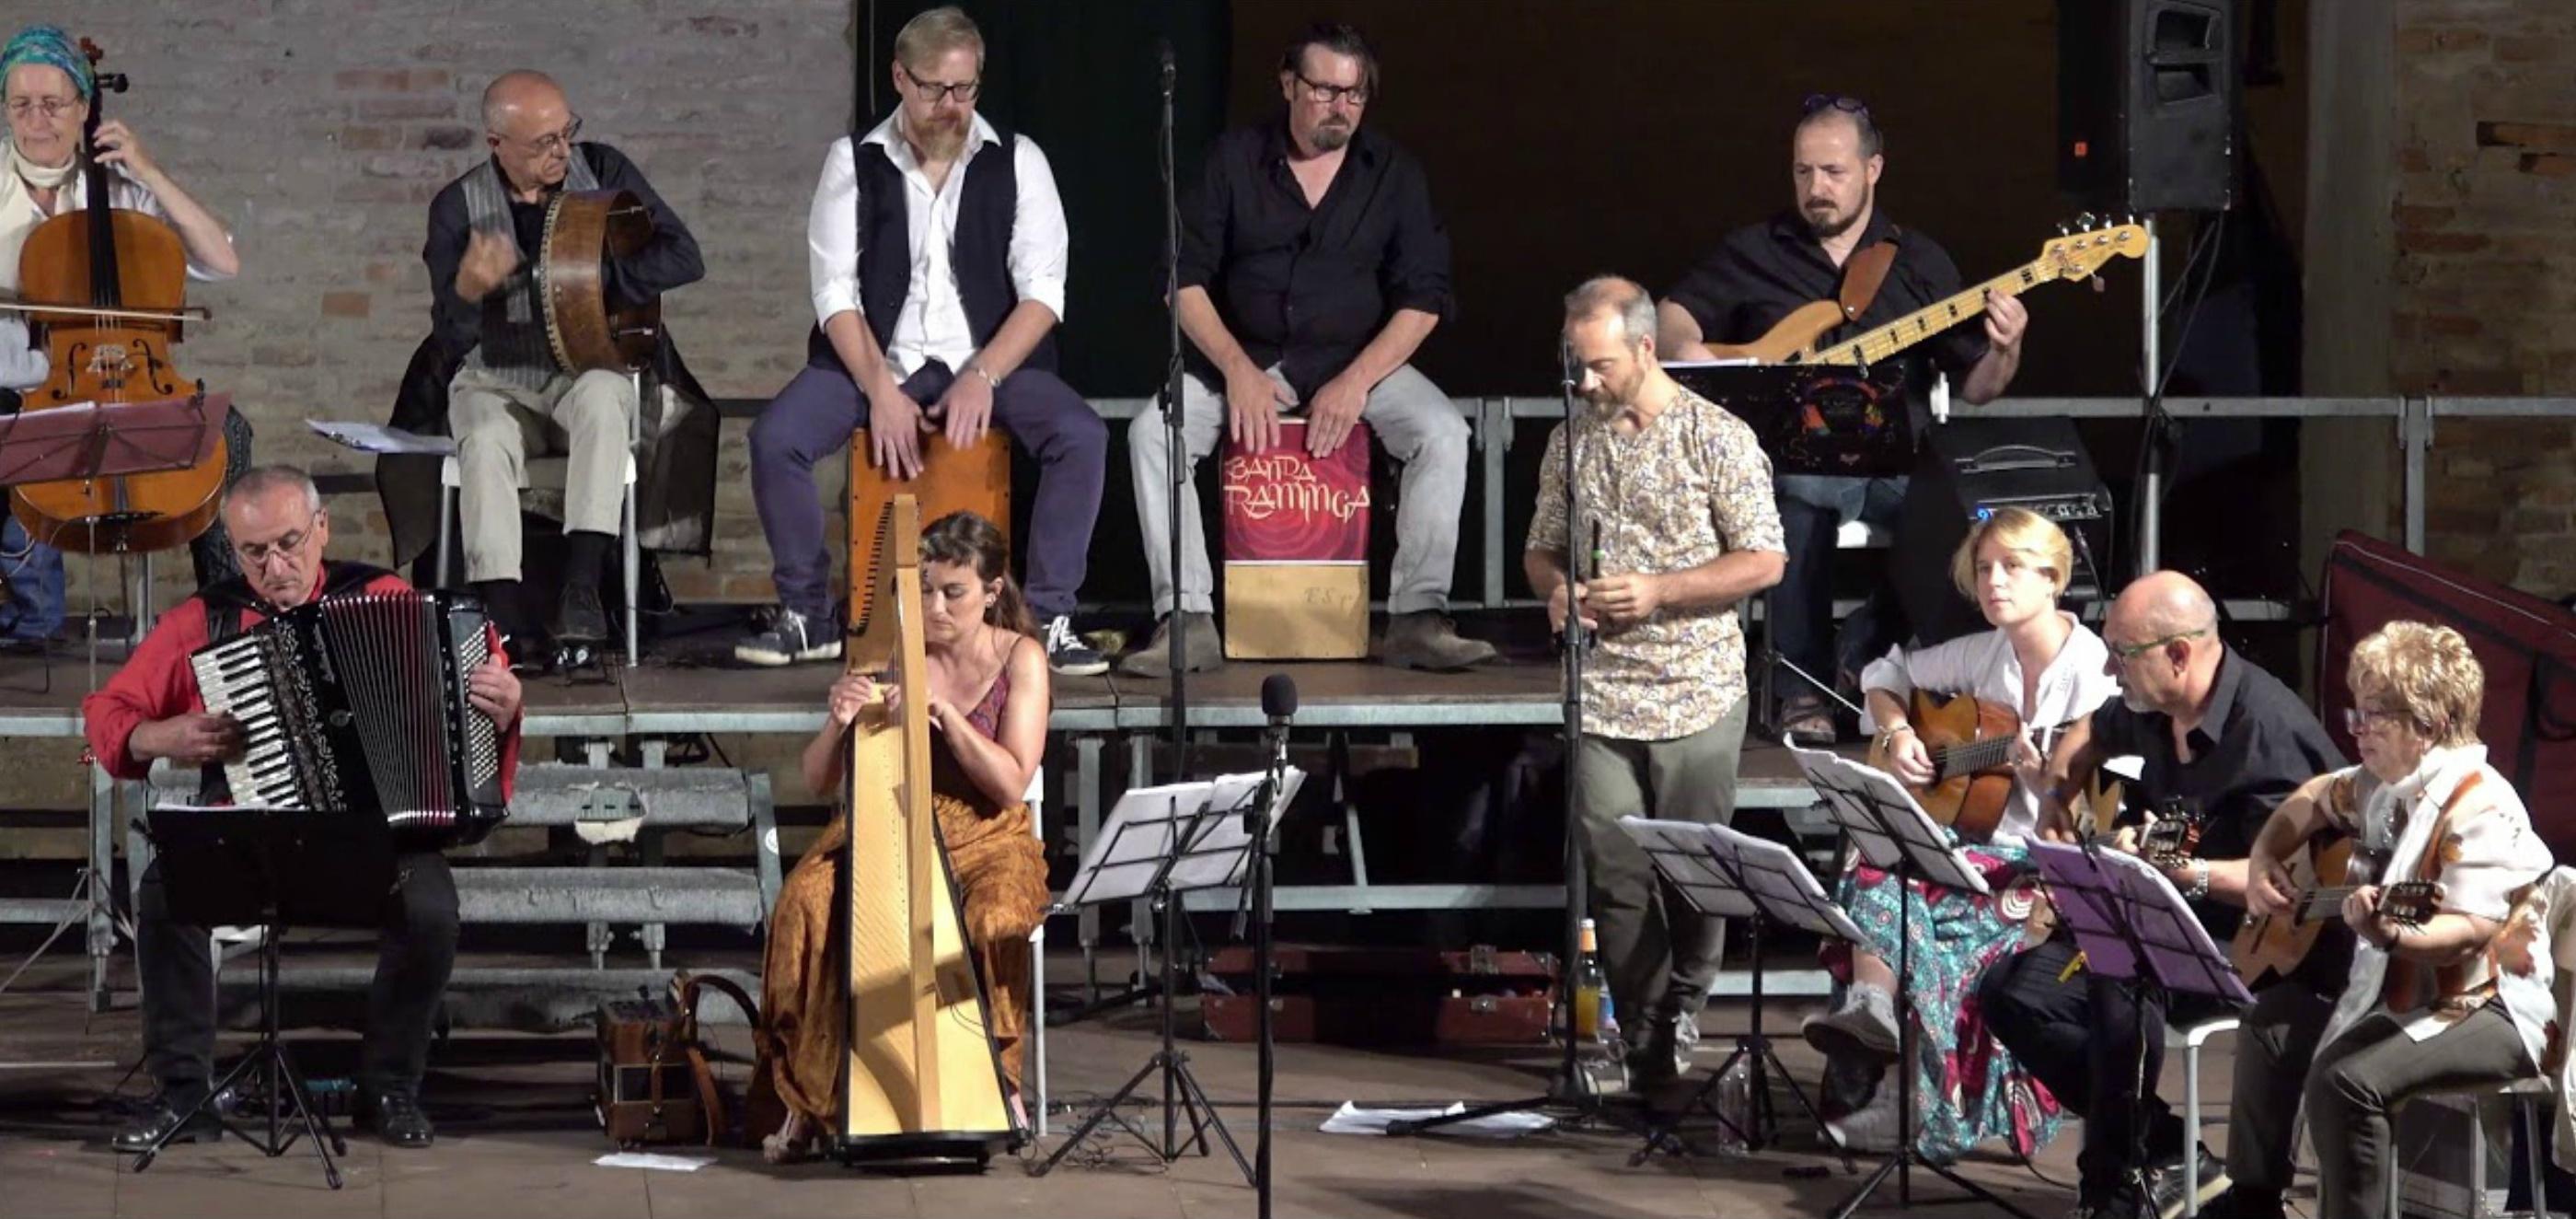 Orchestrona-Musica-Popolare-Forlimpopoli